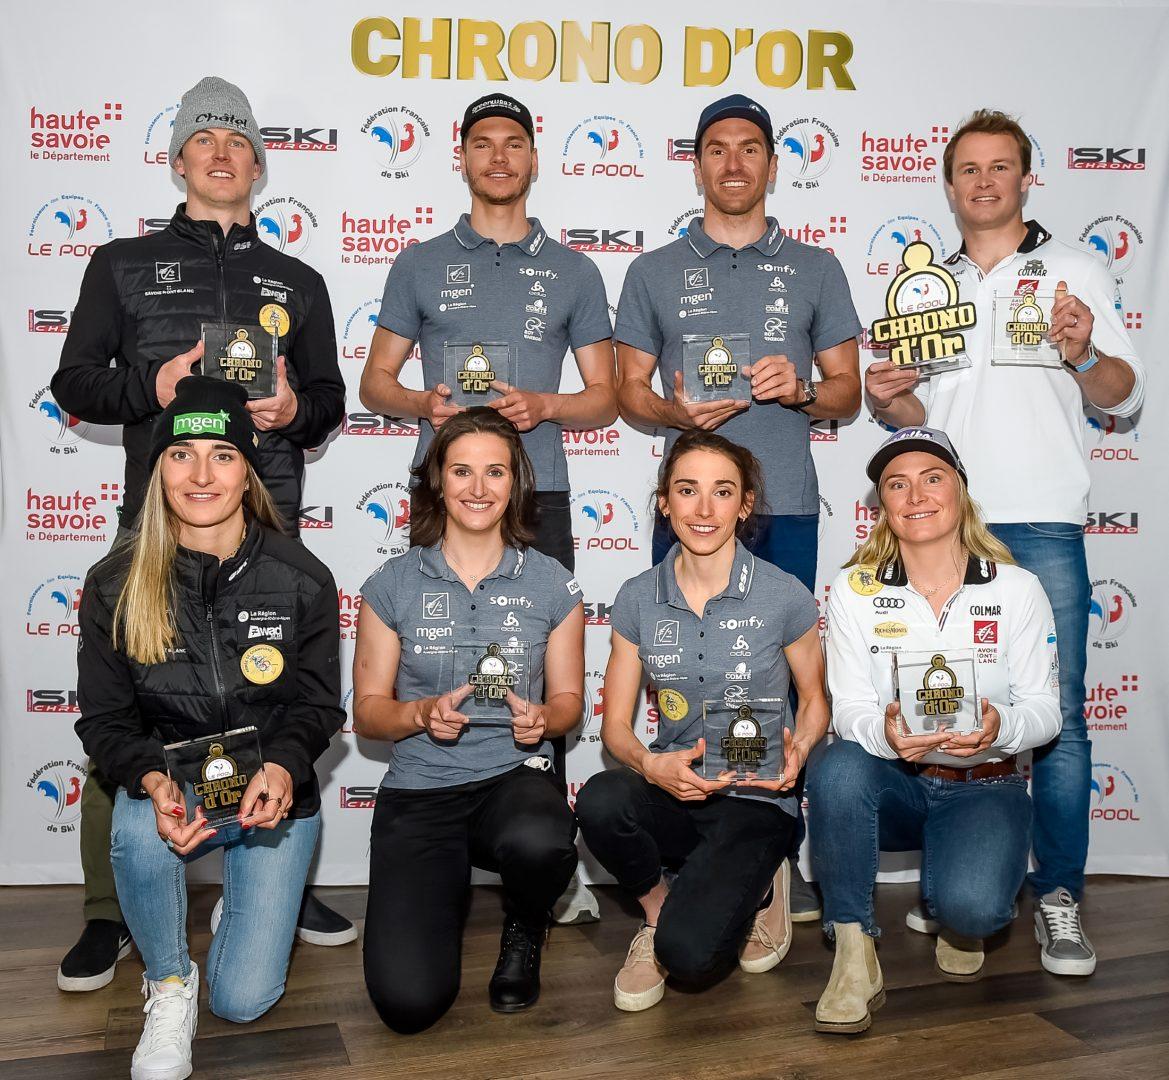 athletes primes chrono d or